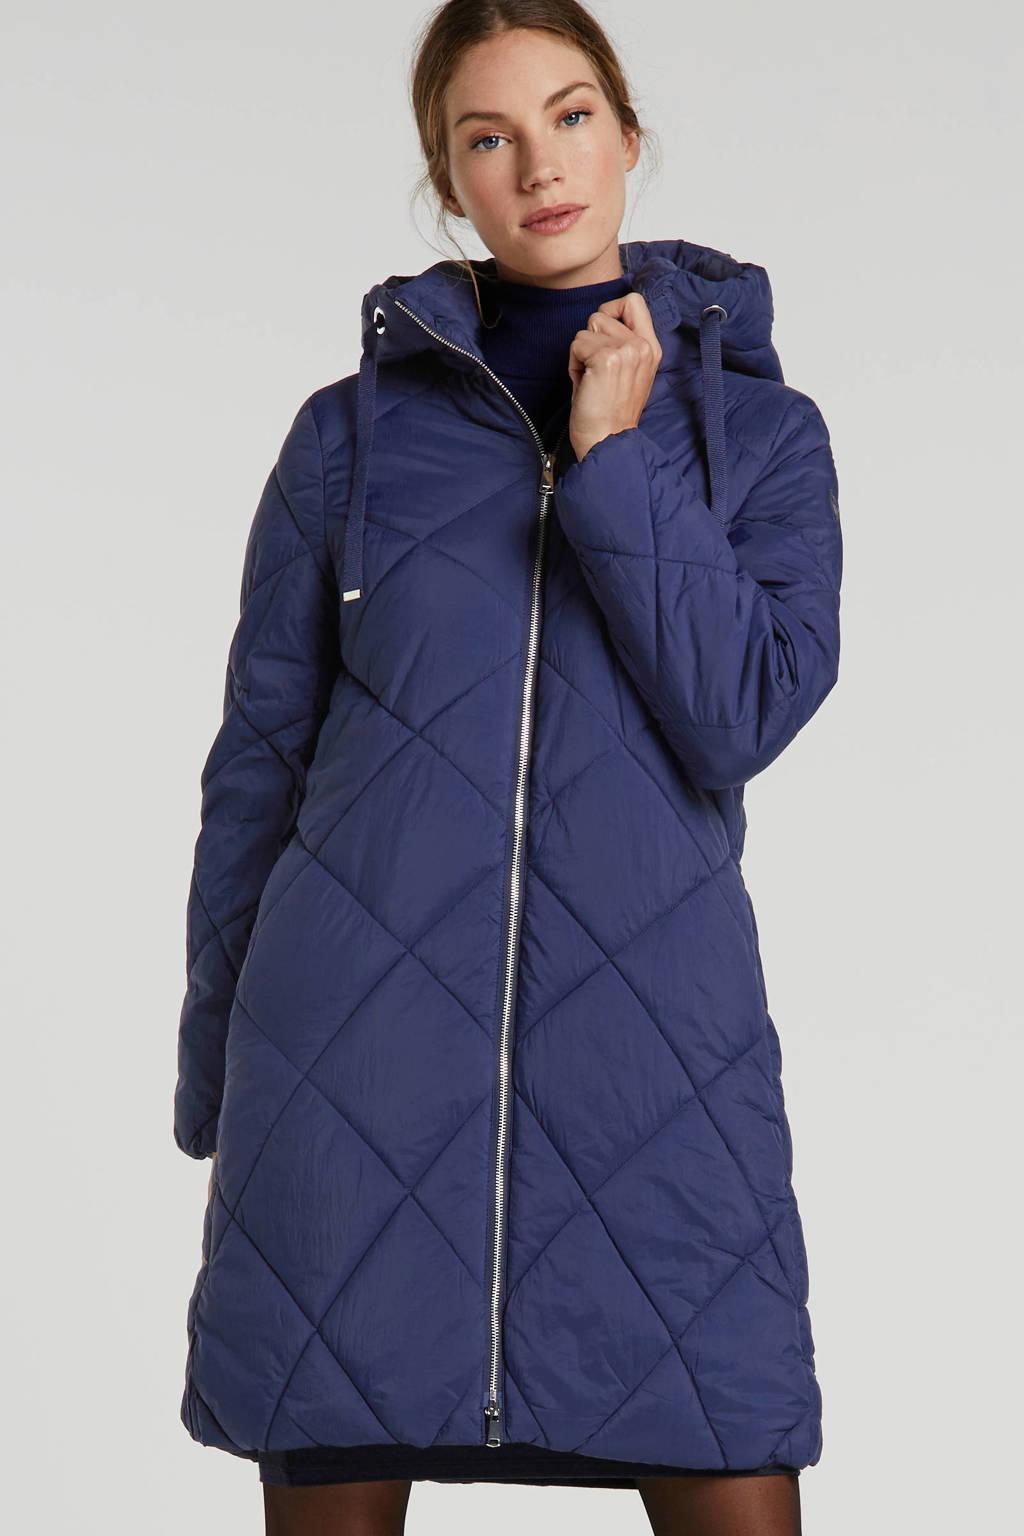 ESPRIT Women Casual gewatteerde jas blauw, Blauw